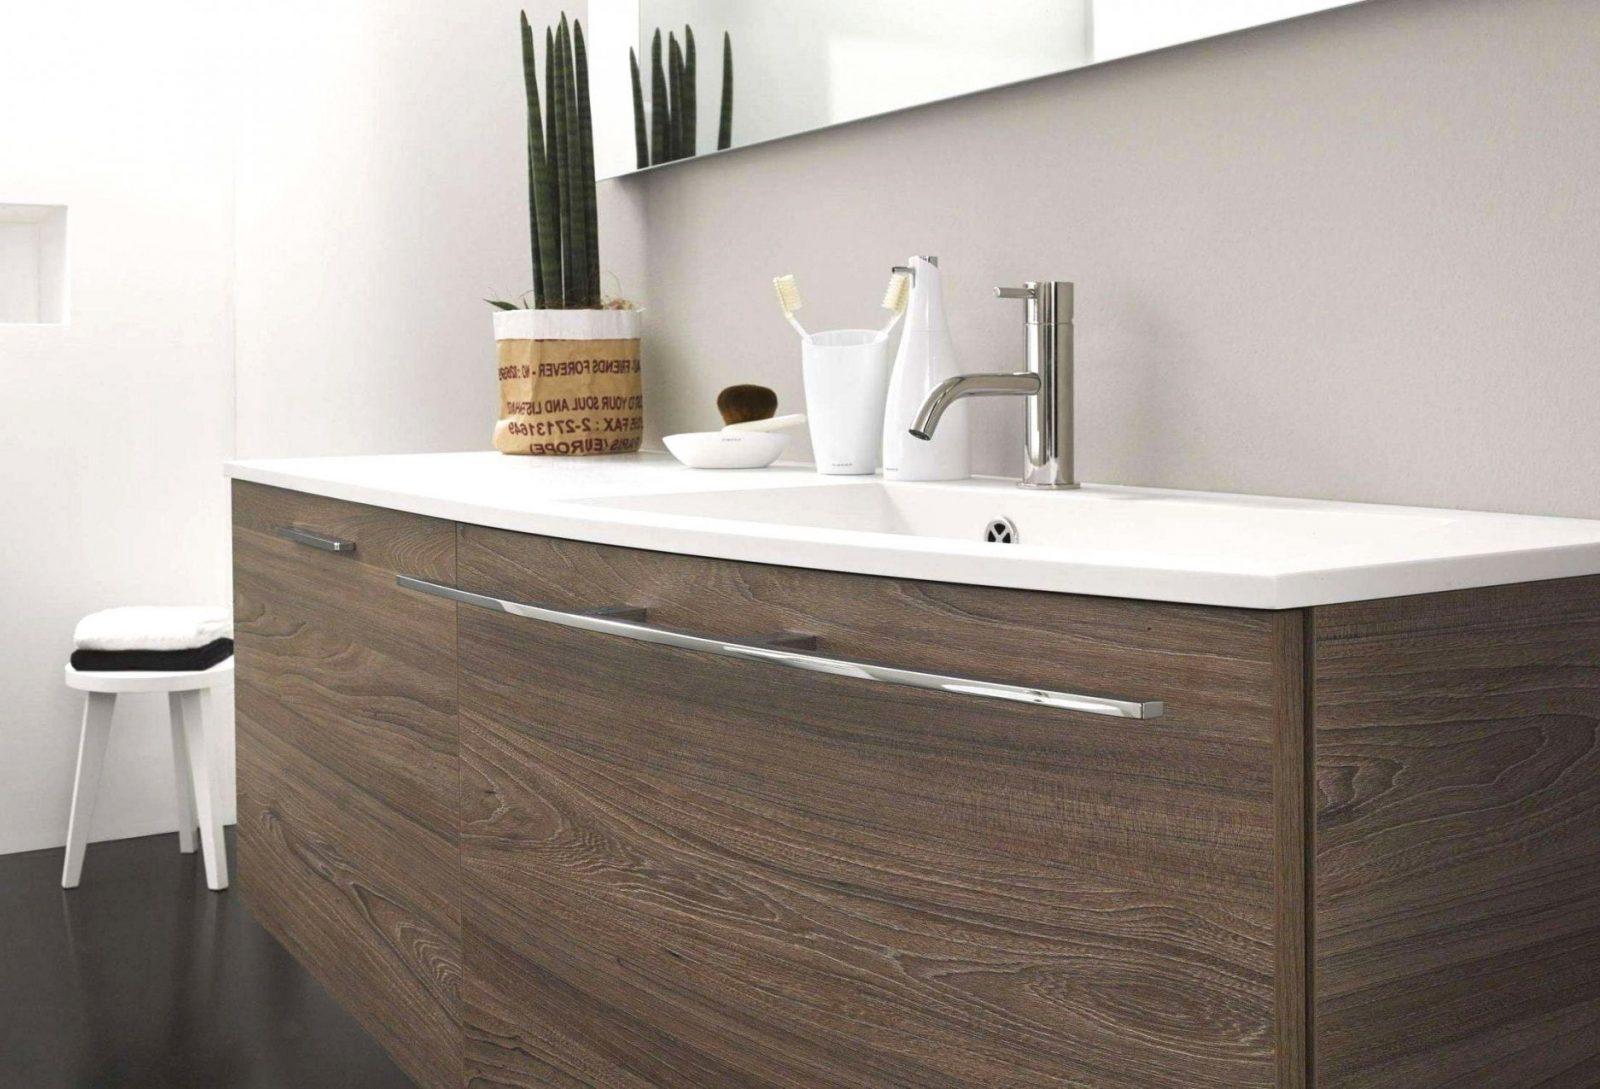 Luxus 51 Waschbeckenunterschrank Ohne Waschbecken Planen von Bad Unterschrank Ohne Waschbecken Photo